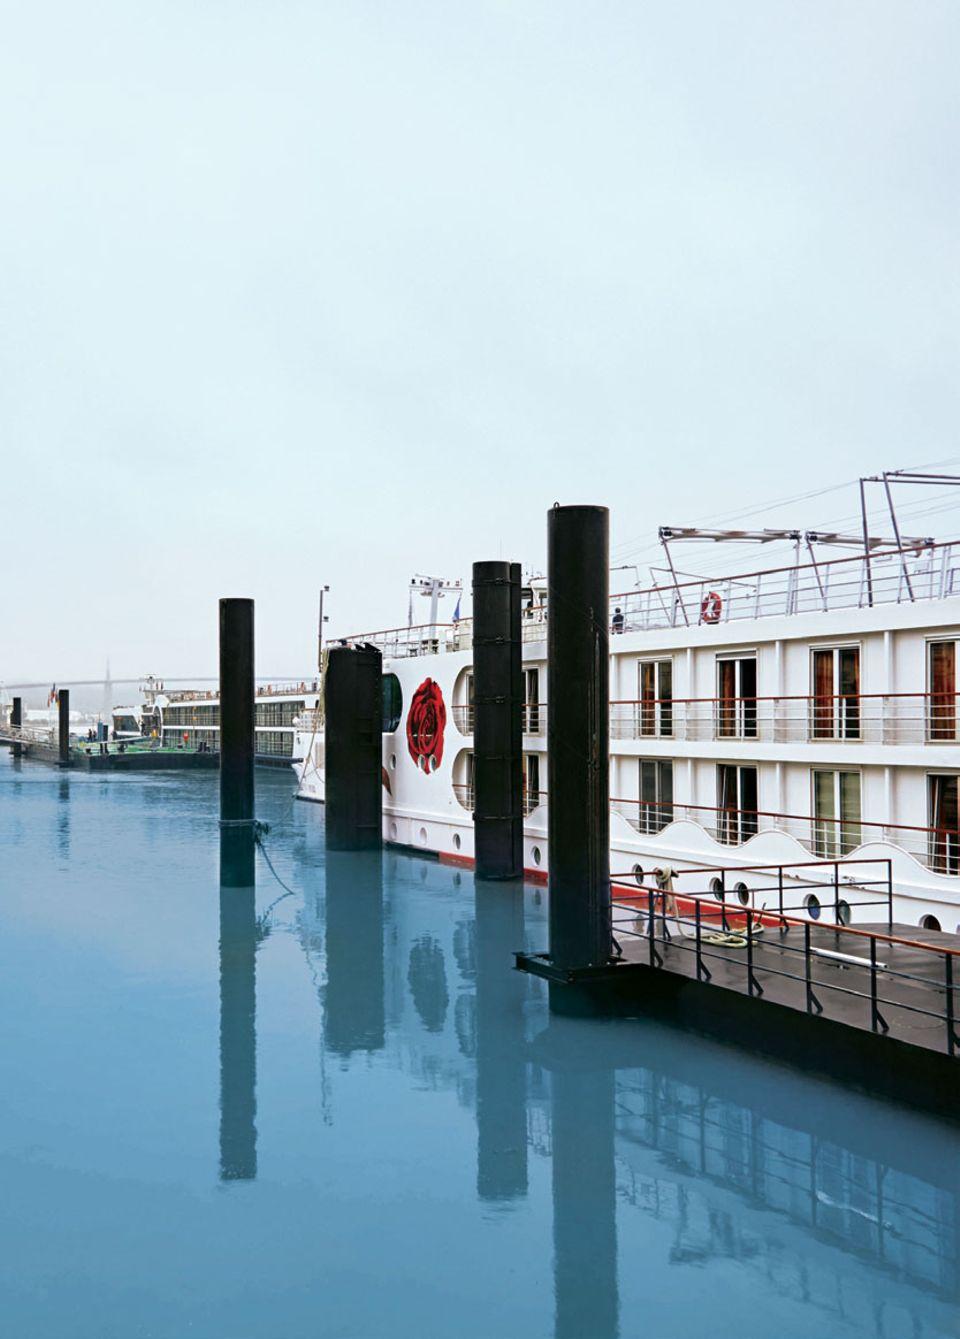 Seine-Kreuzfahrt: Flussschiff auf Seine